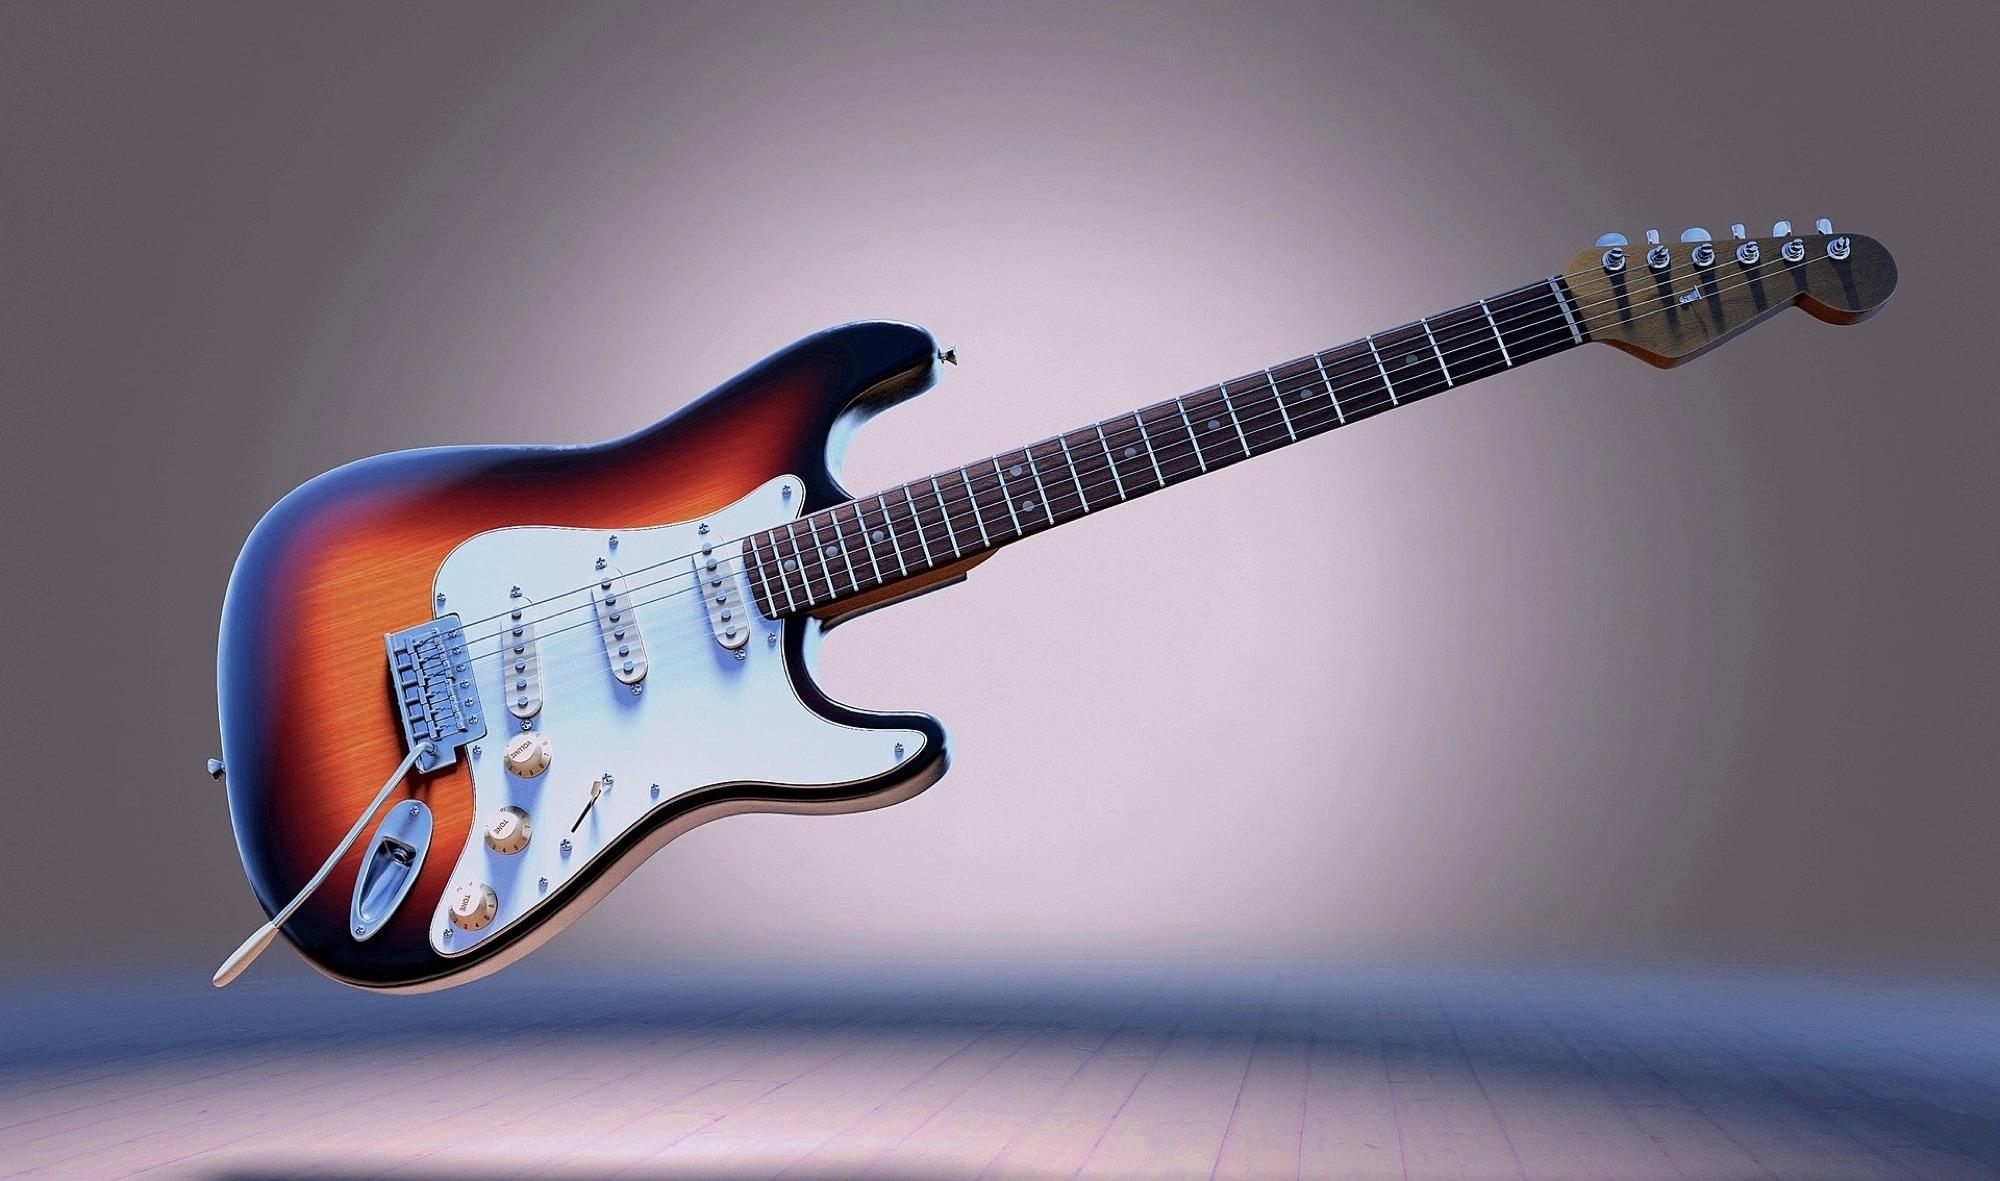 Apple    Televisores para aprender a tocar la guitarra - guitarra eléctrica